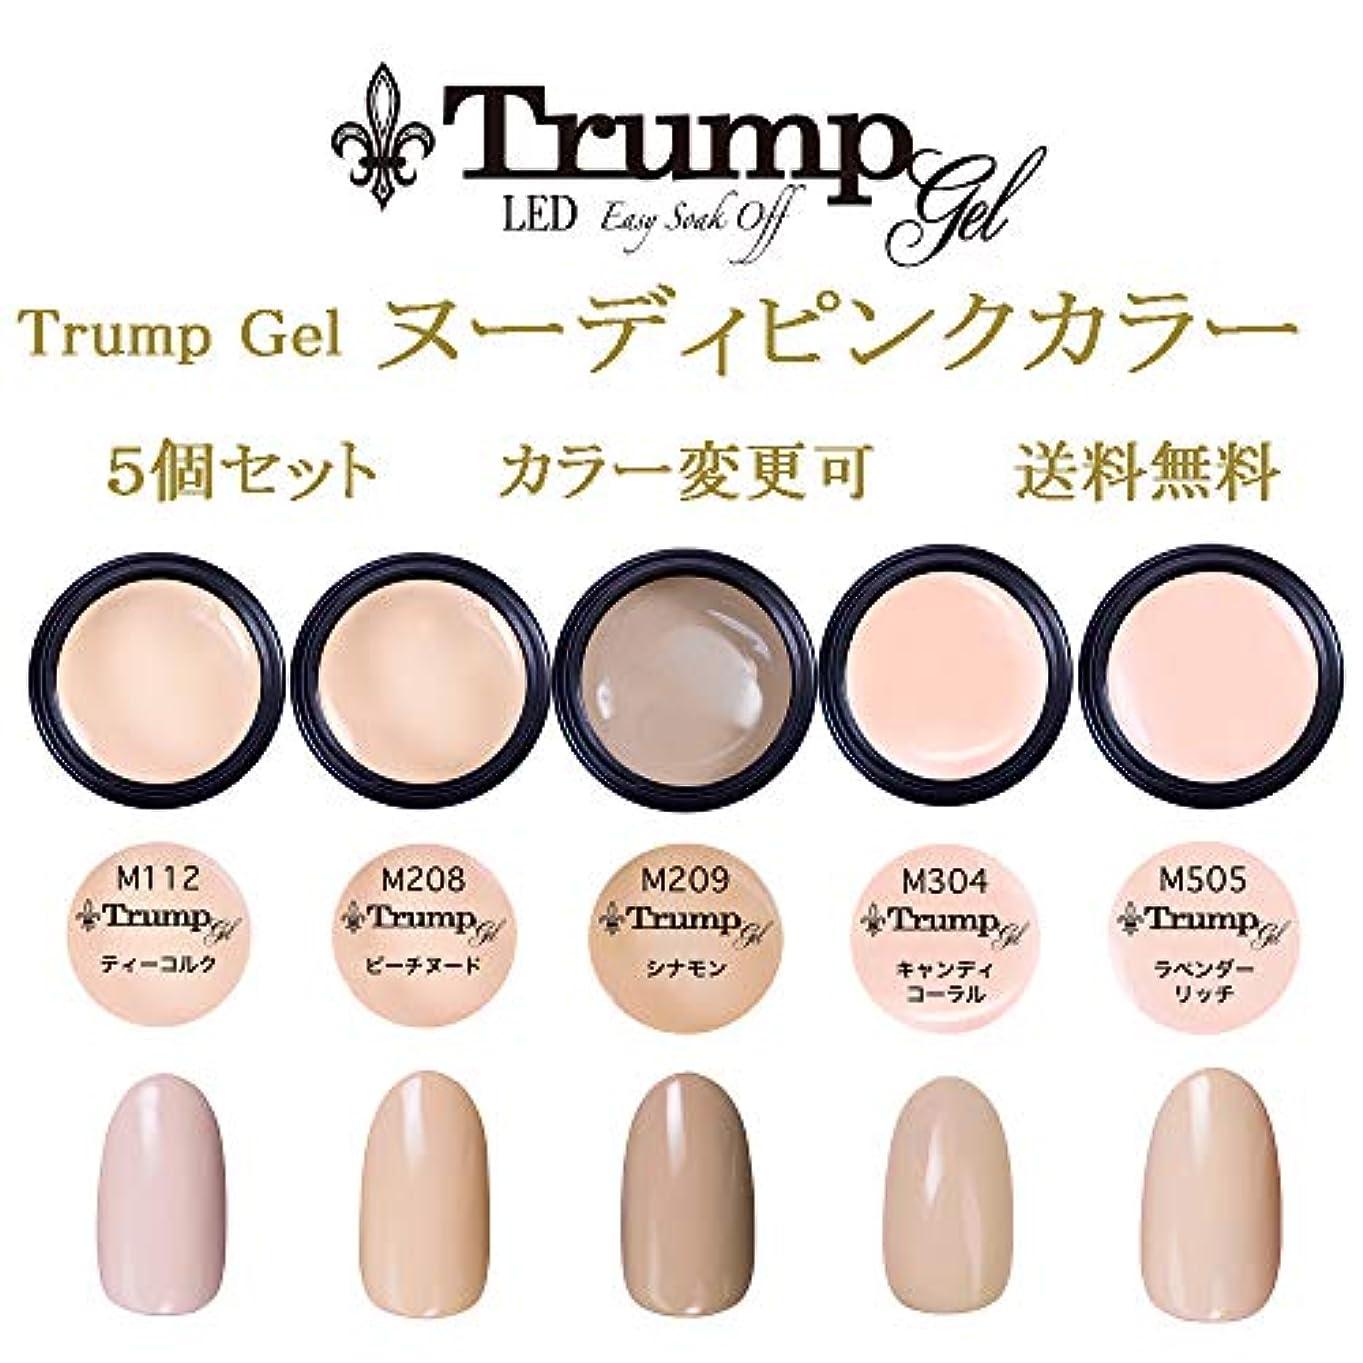 はっきりとフィット牧師日本製 Trump gel トランプジェル ヌーディピンク 選べる カラージェル 5個セット ピンク ベージュ ヌーディカラー